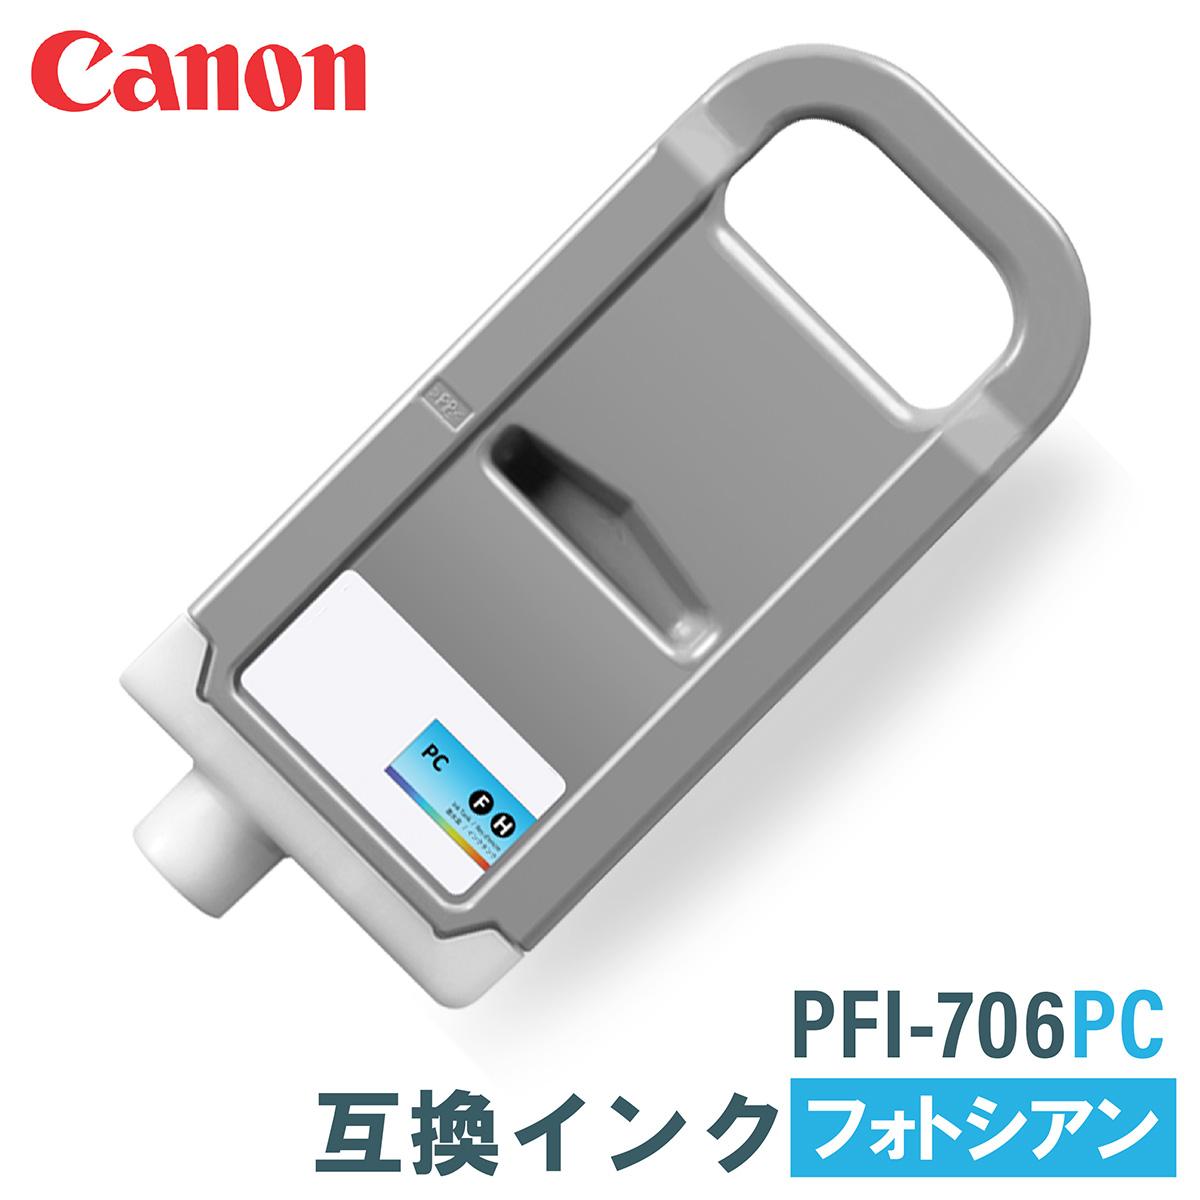 キヤノン 互換インク CANON PFI-706PC フォトシアン 700ml